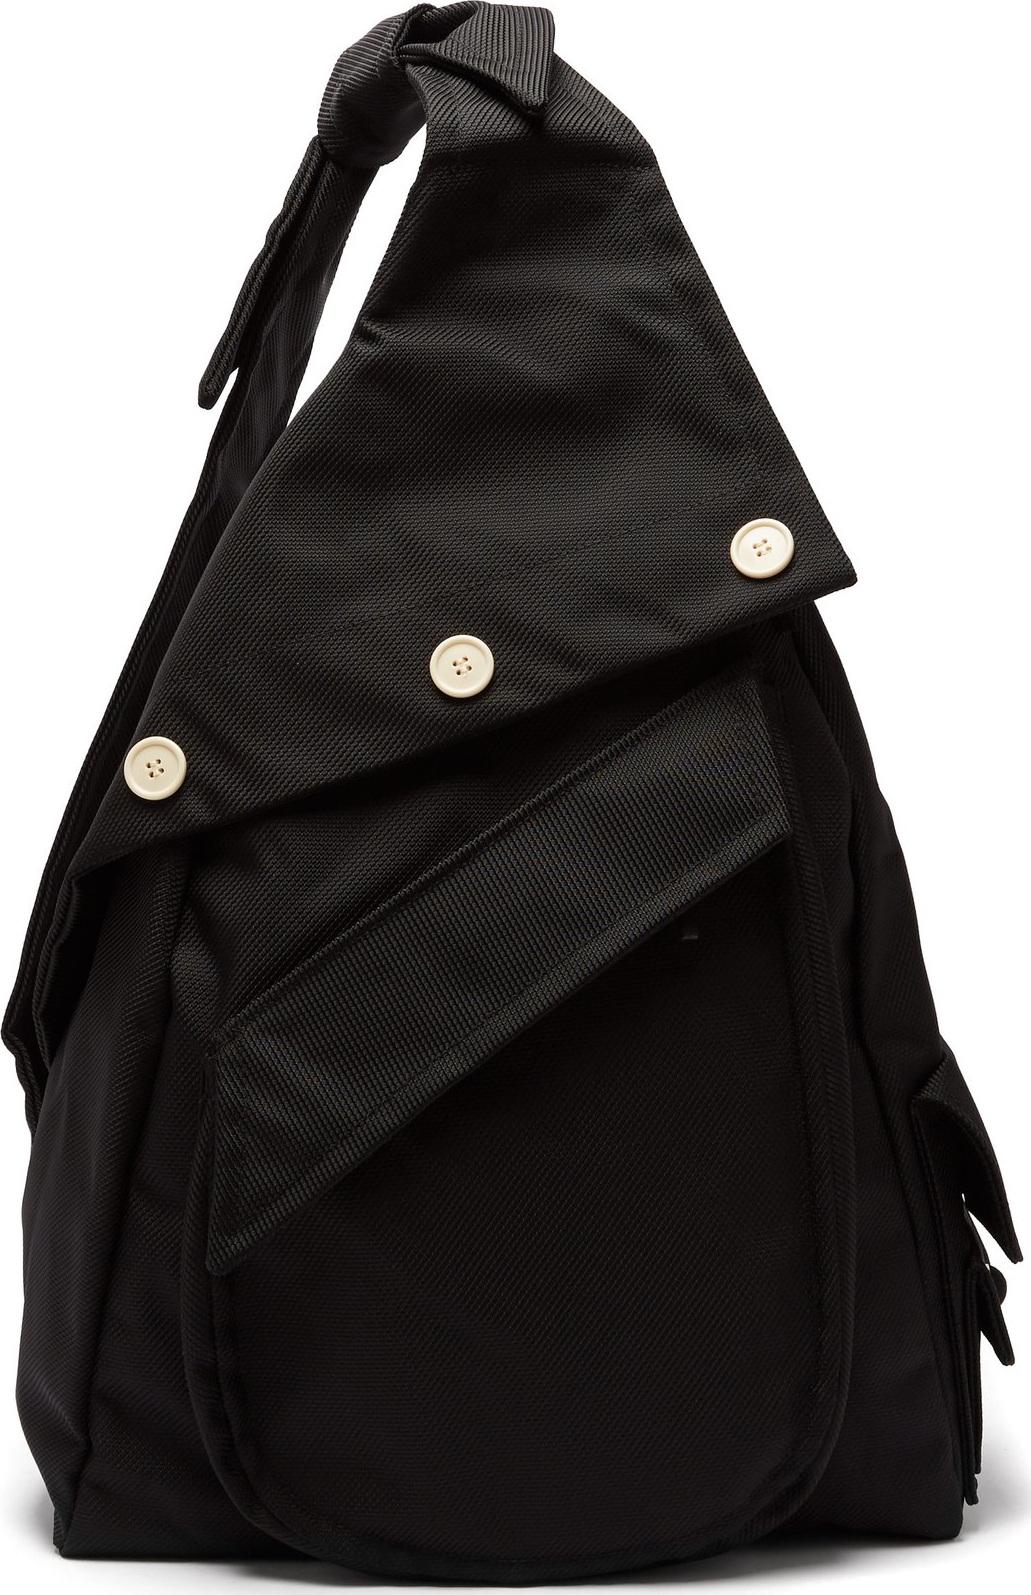 Raf Simons X Eastpak - Organised Sling one-shoulder nylon backpack